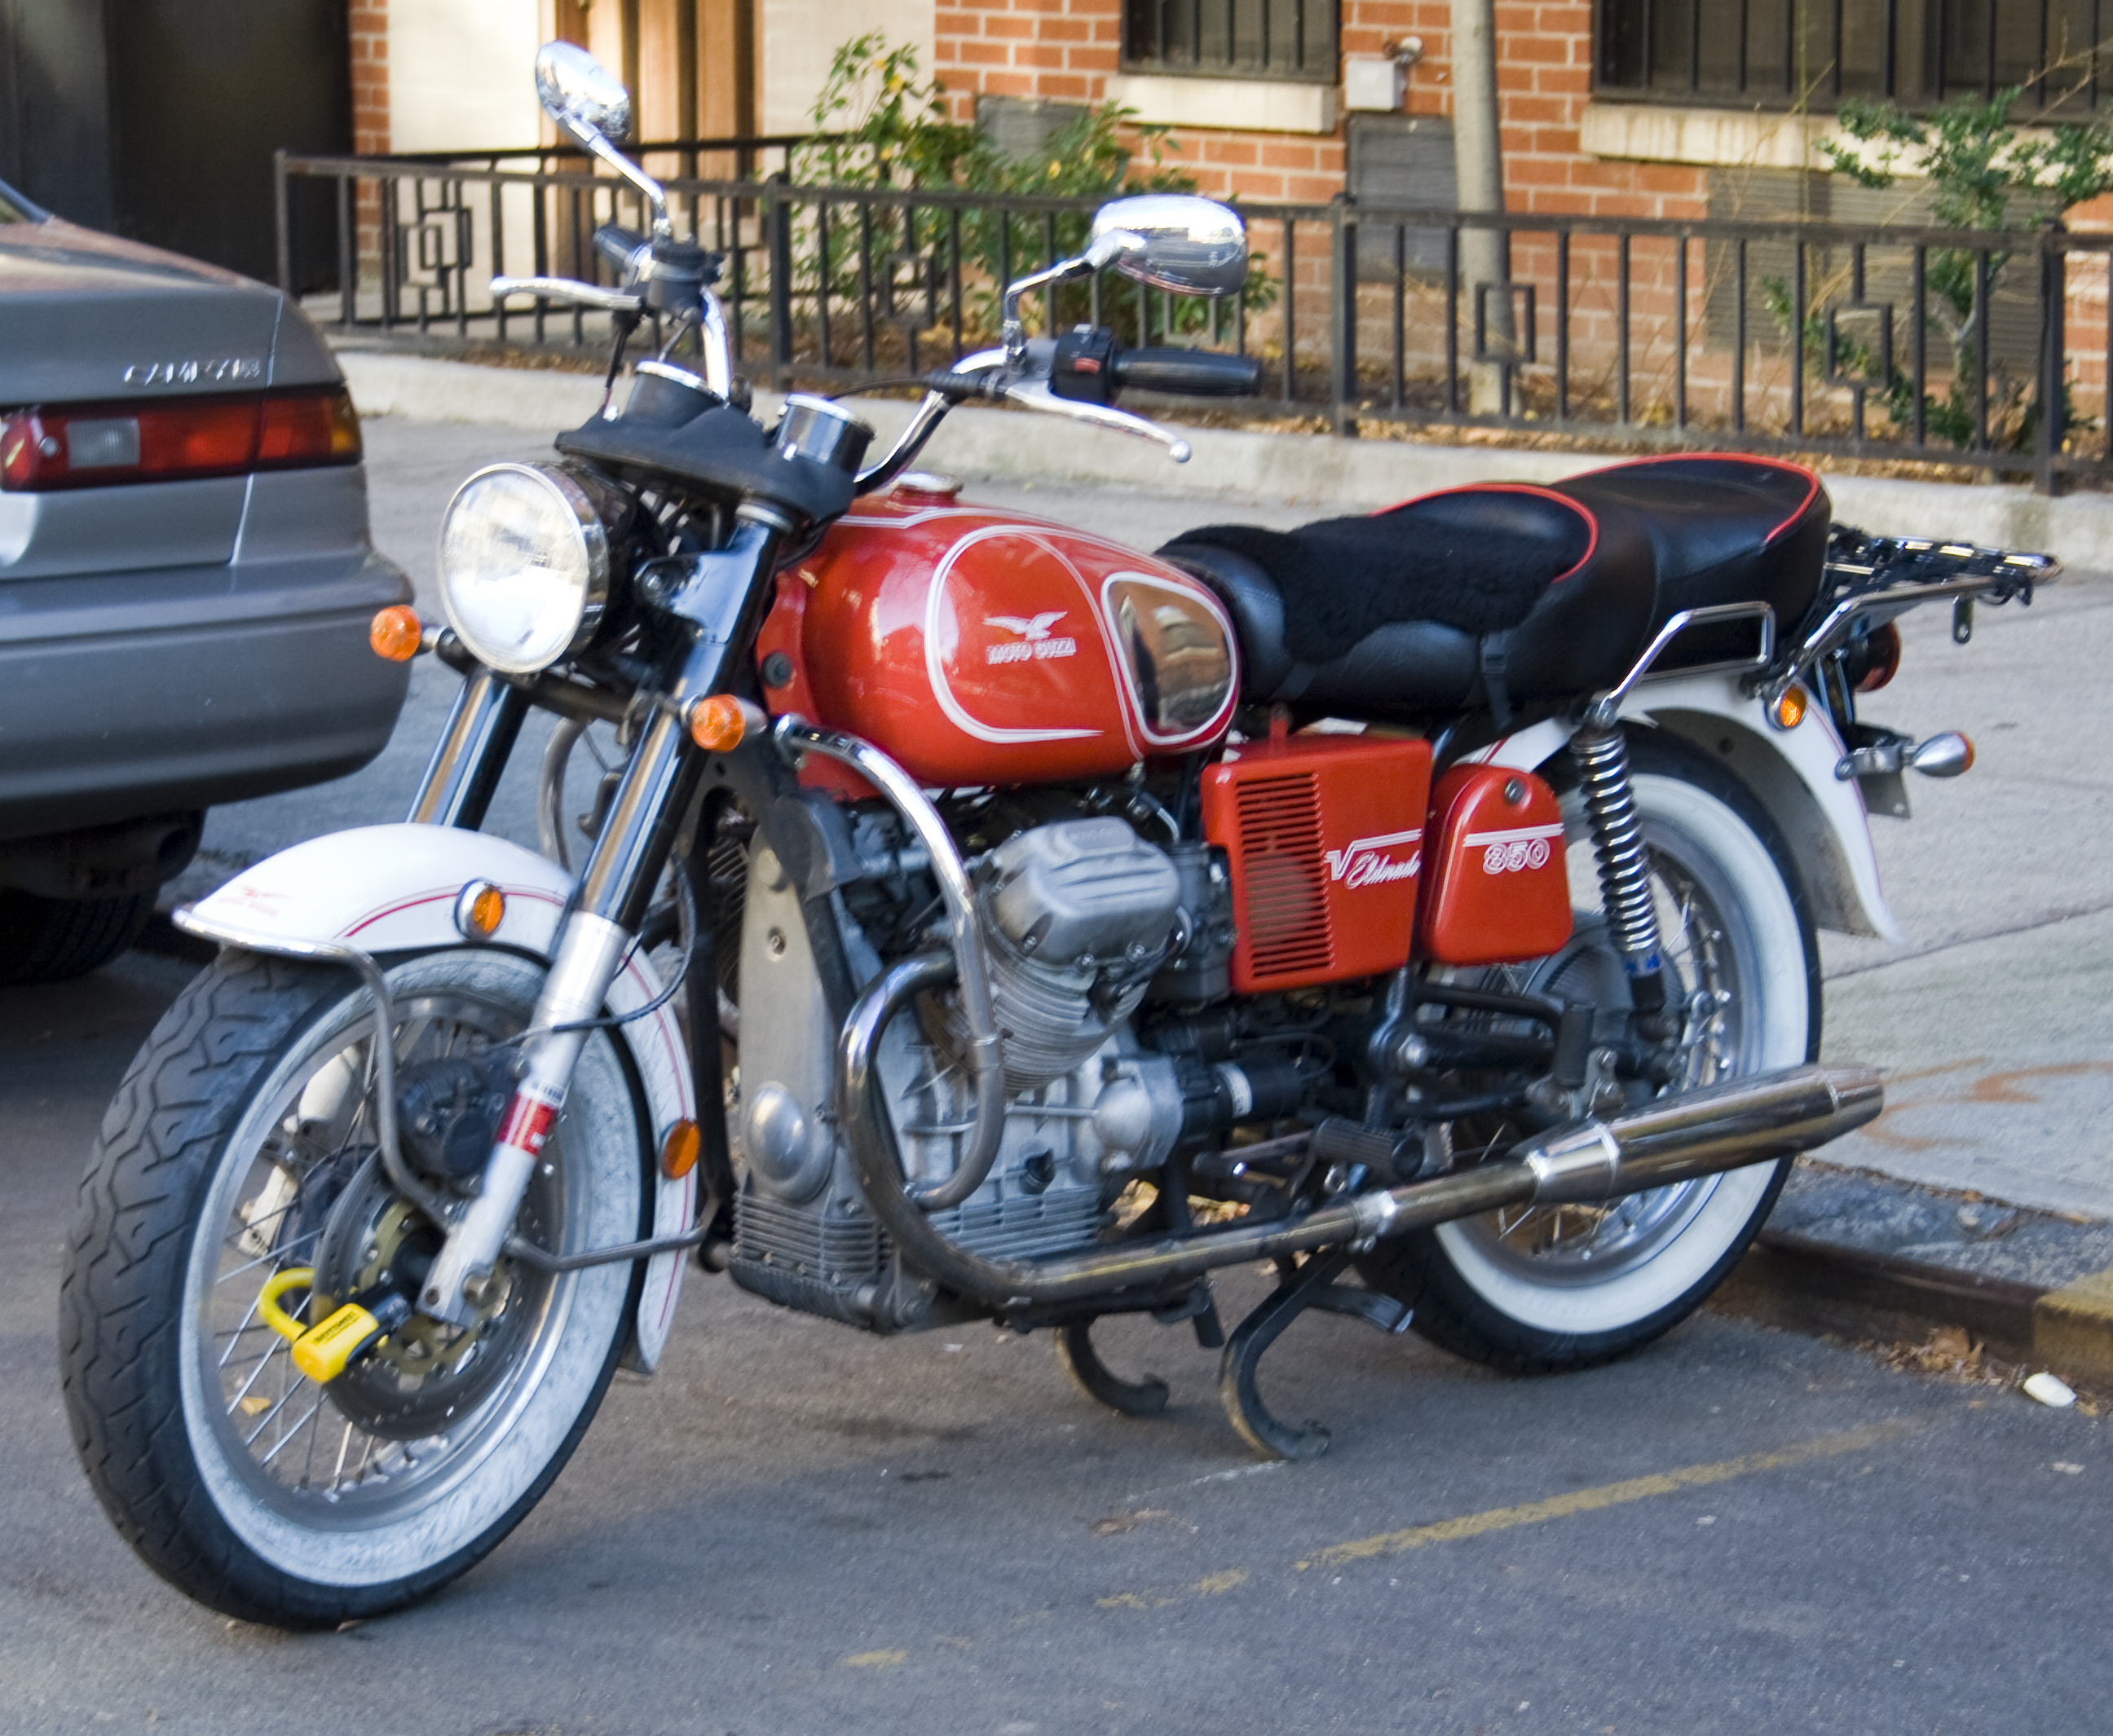 Moto Guzzi Motorcycle Books